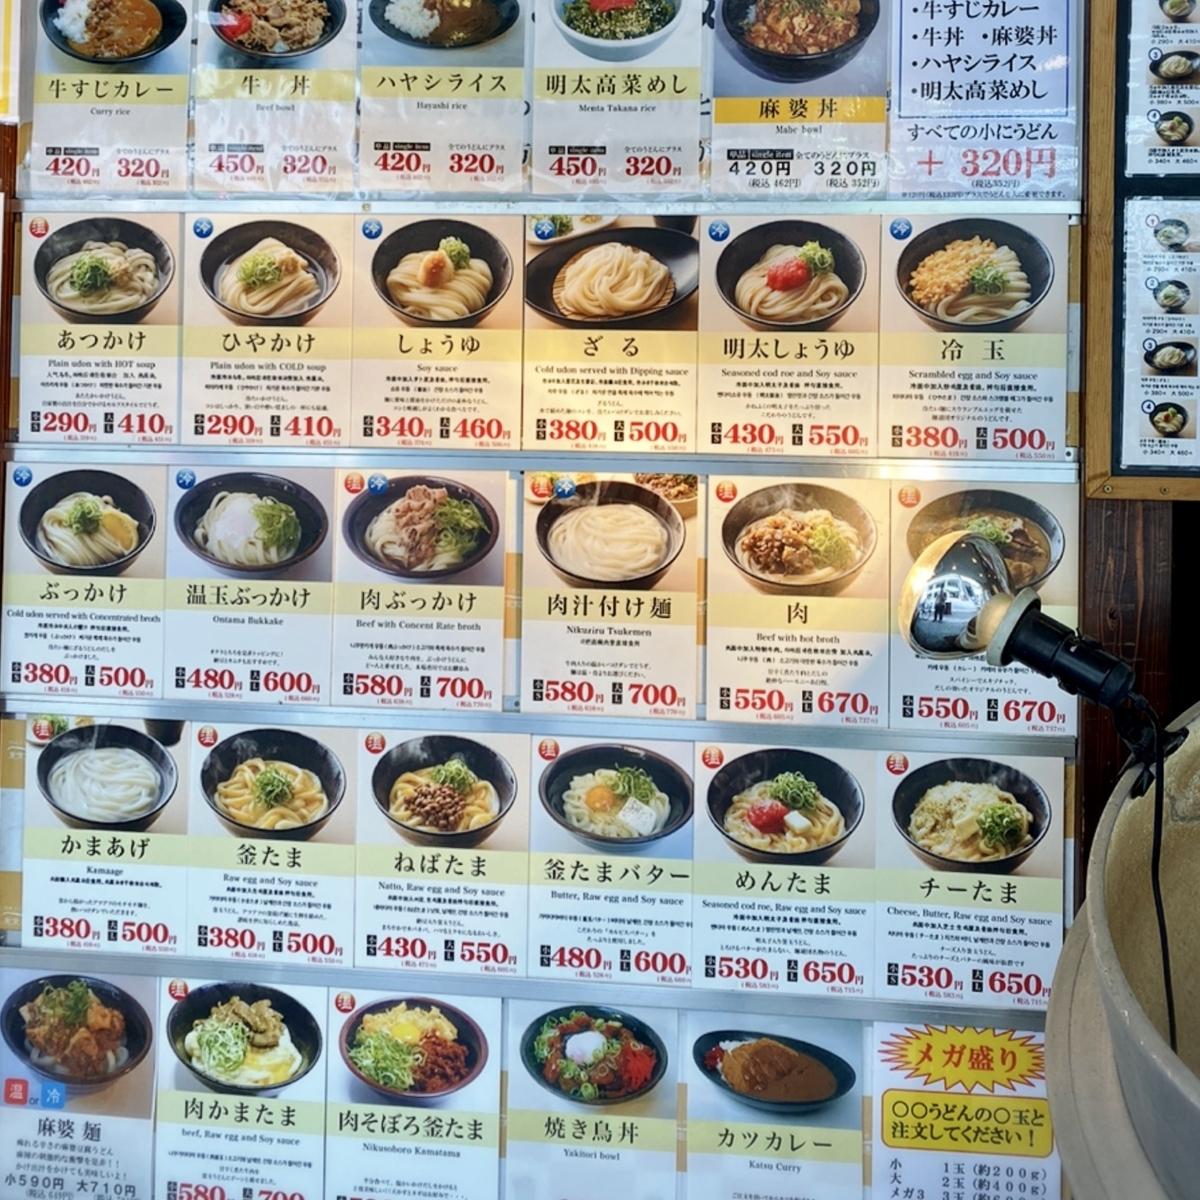 「讃岐うどん大使 東京麺通団」のメニューと値段1